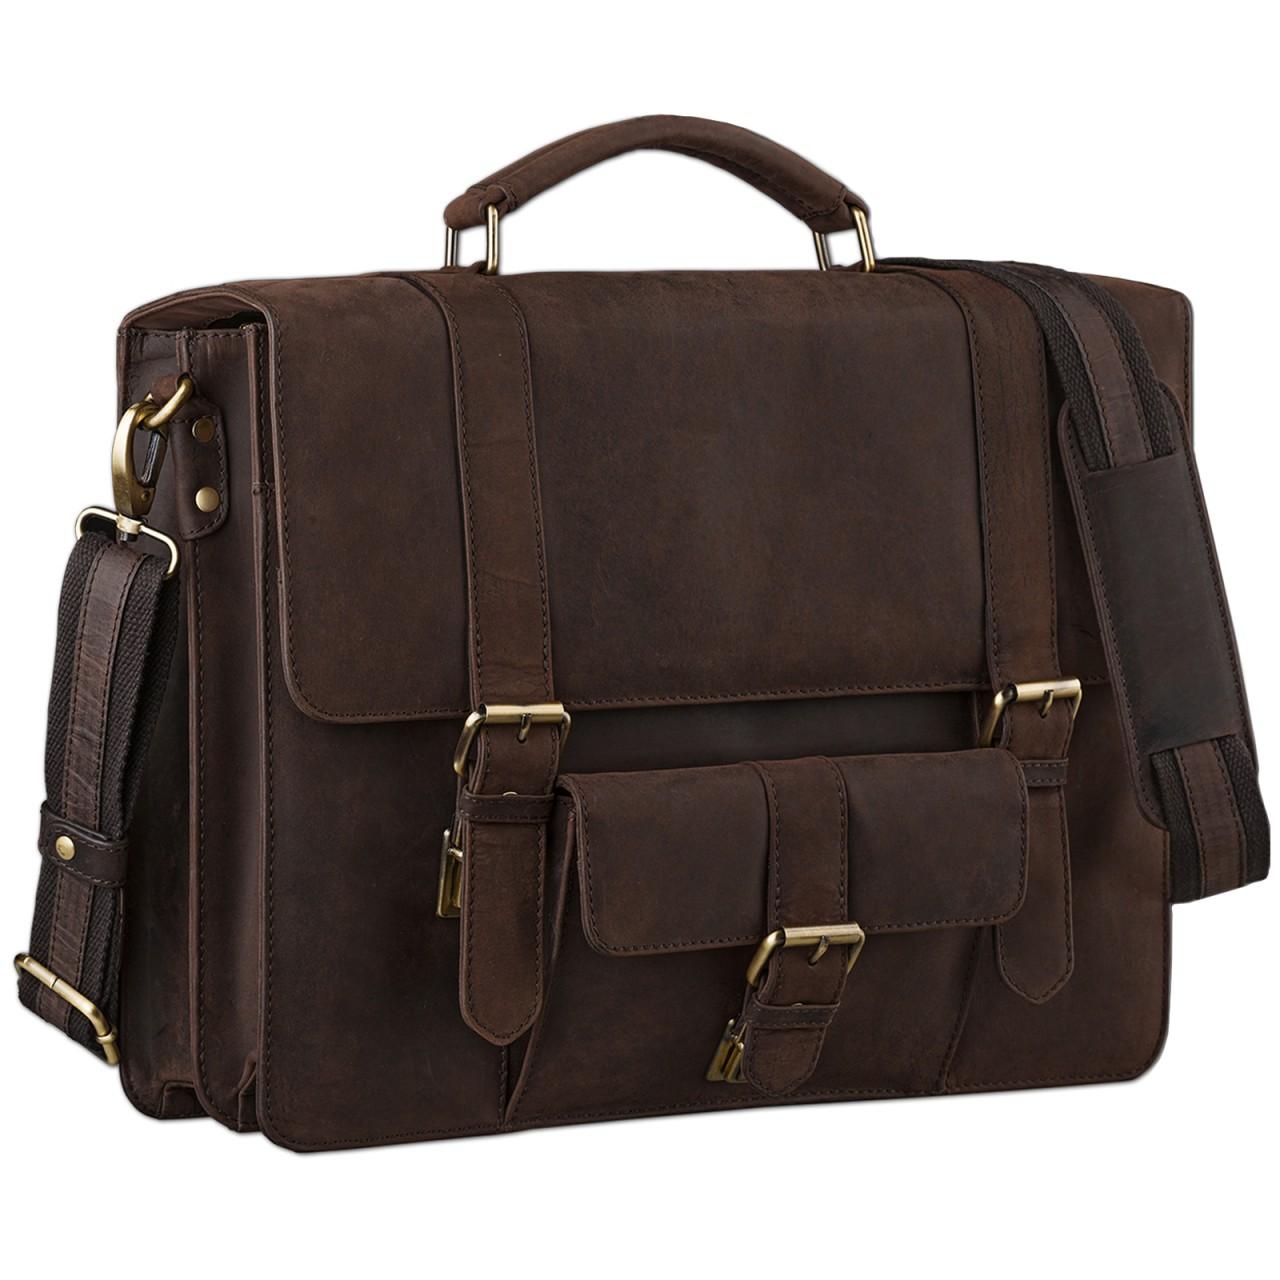 STILORD Klassische Aktentasche Lehrertasche Business Umhängetasche Leder Bürotasche Laptoptasche groß aus Rinds-Leder braun - Bild 1